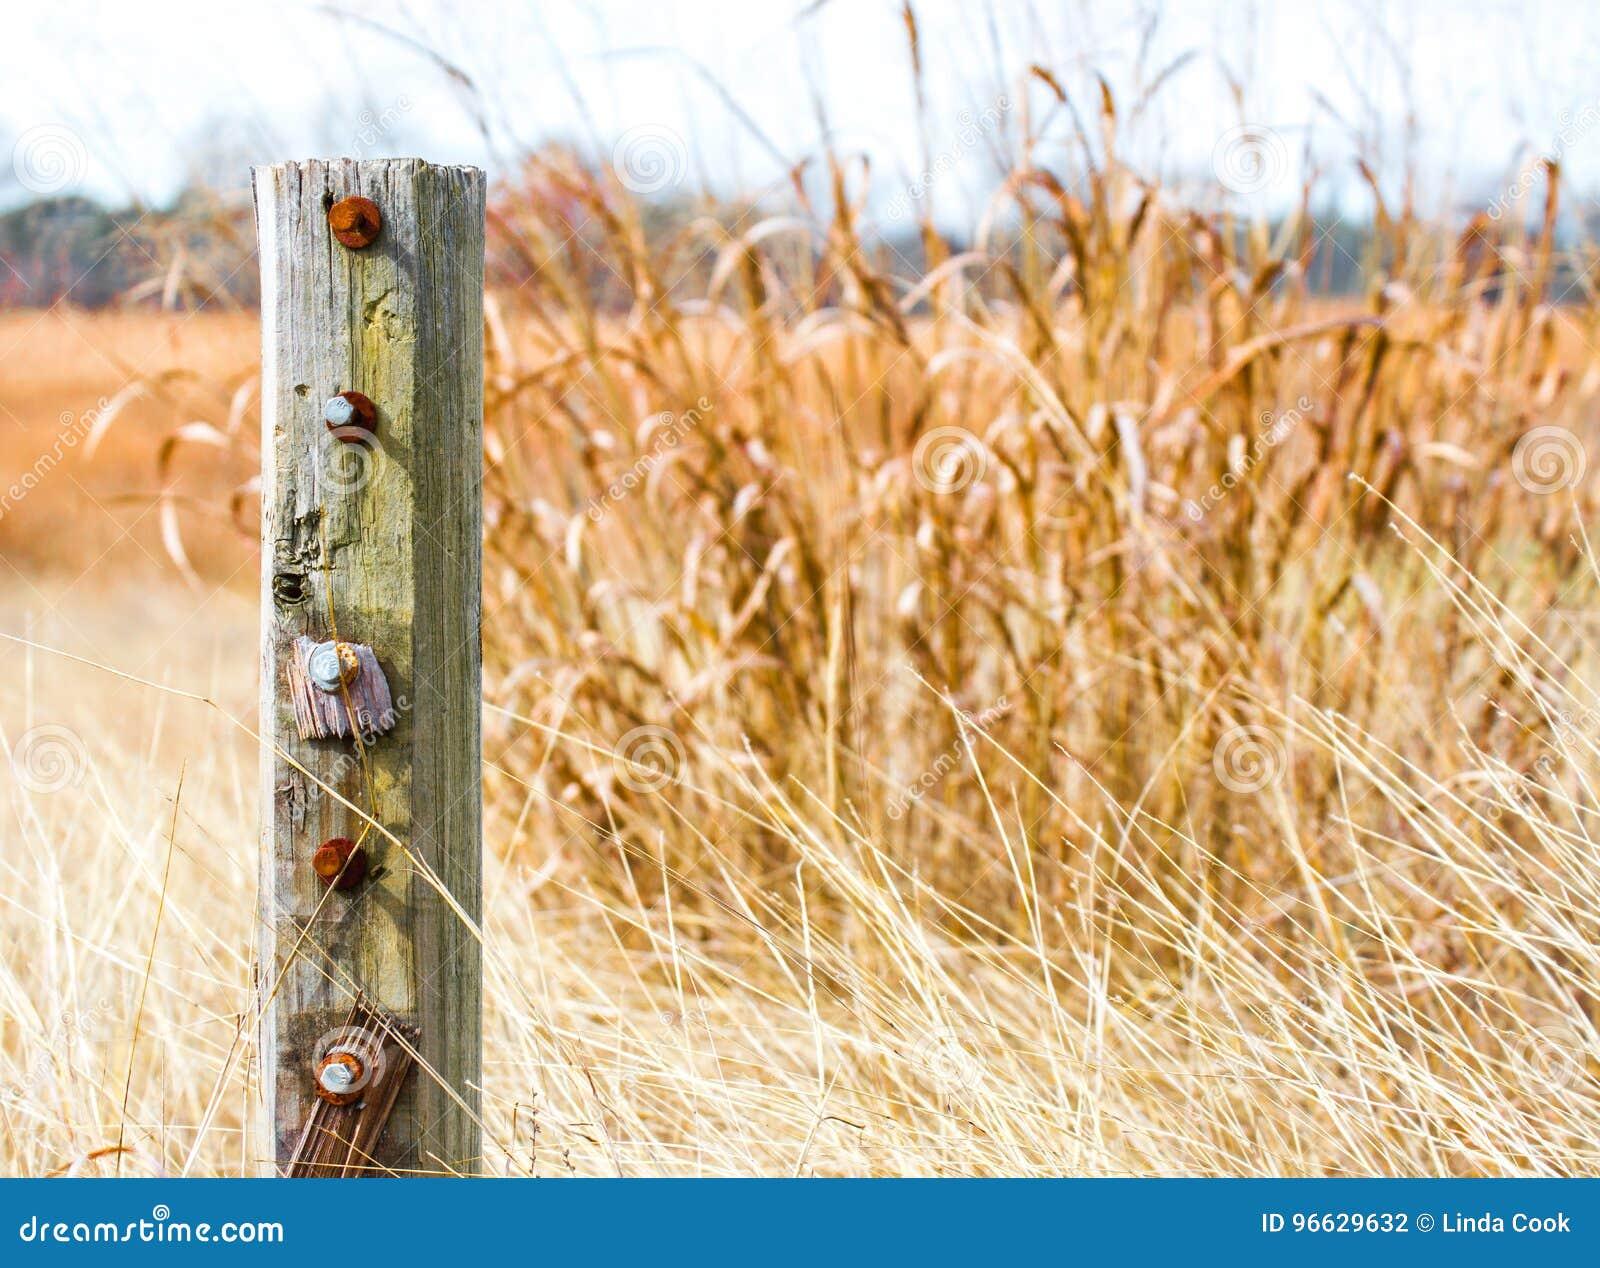 Doorstane houten post in gouden prairiegras in Texas